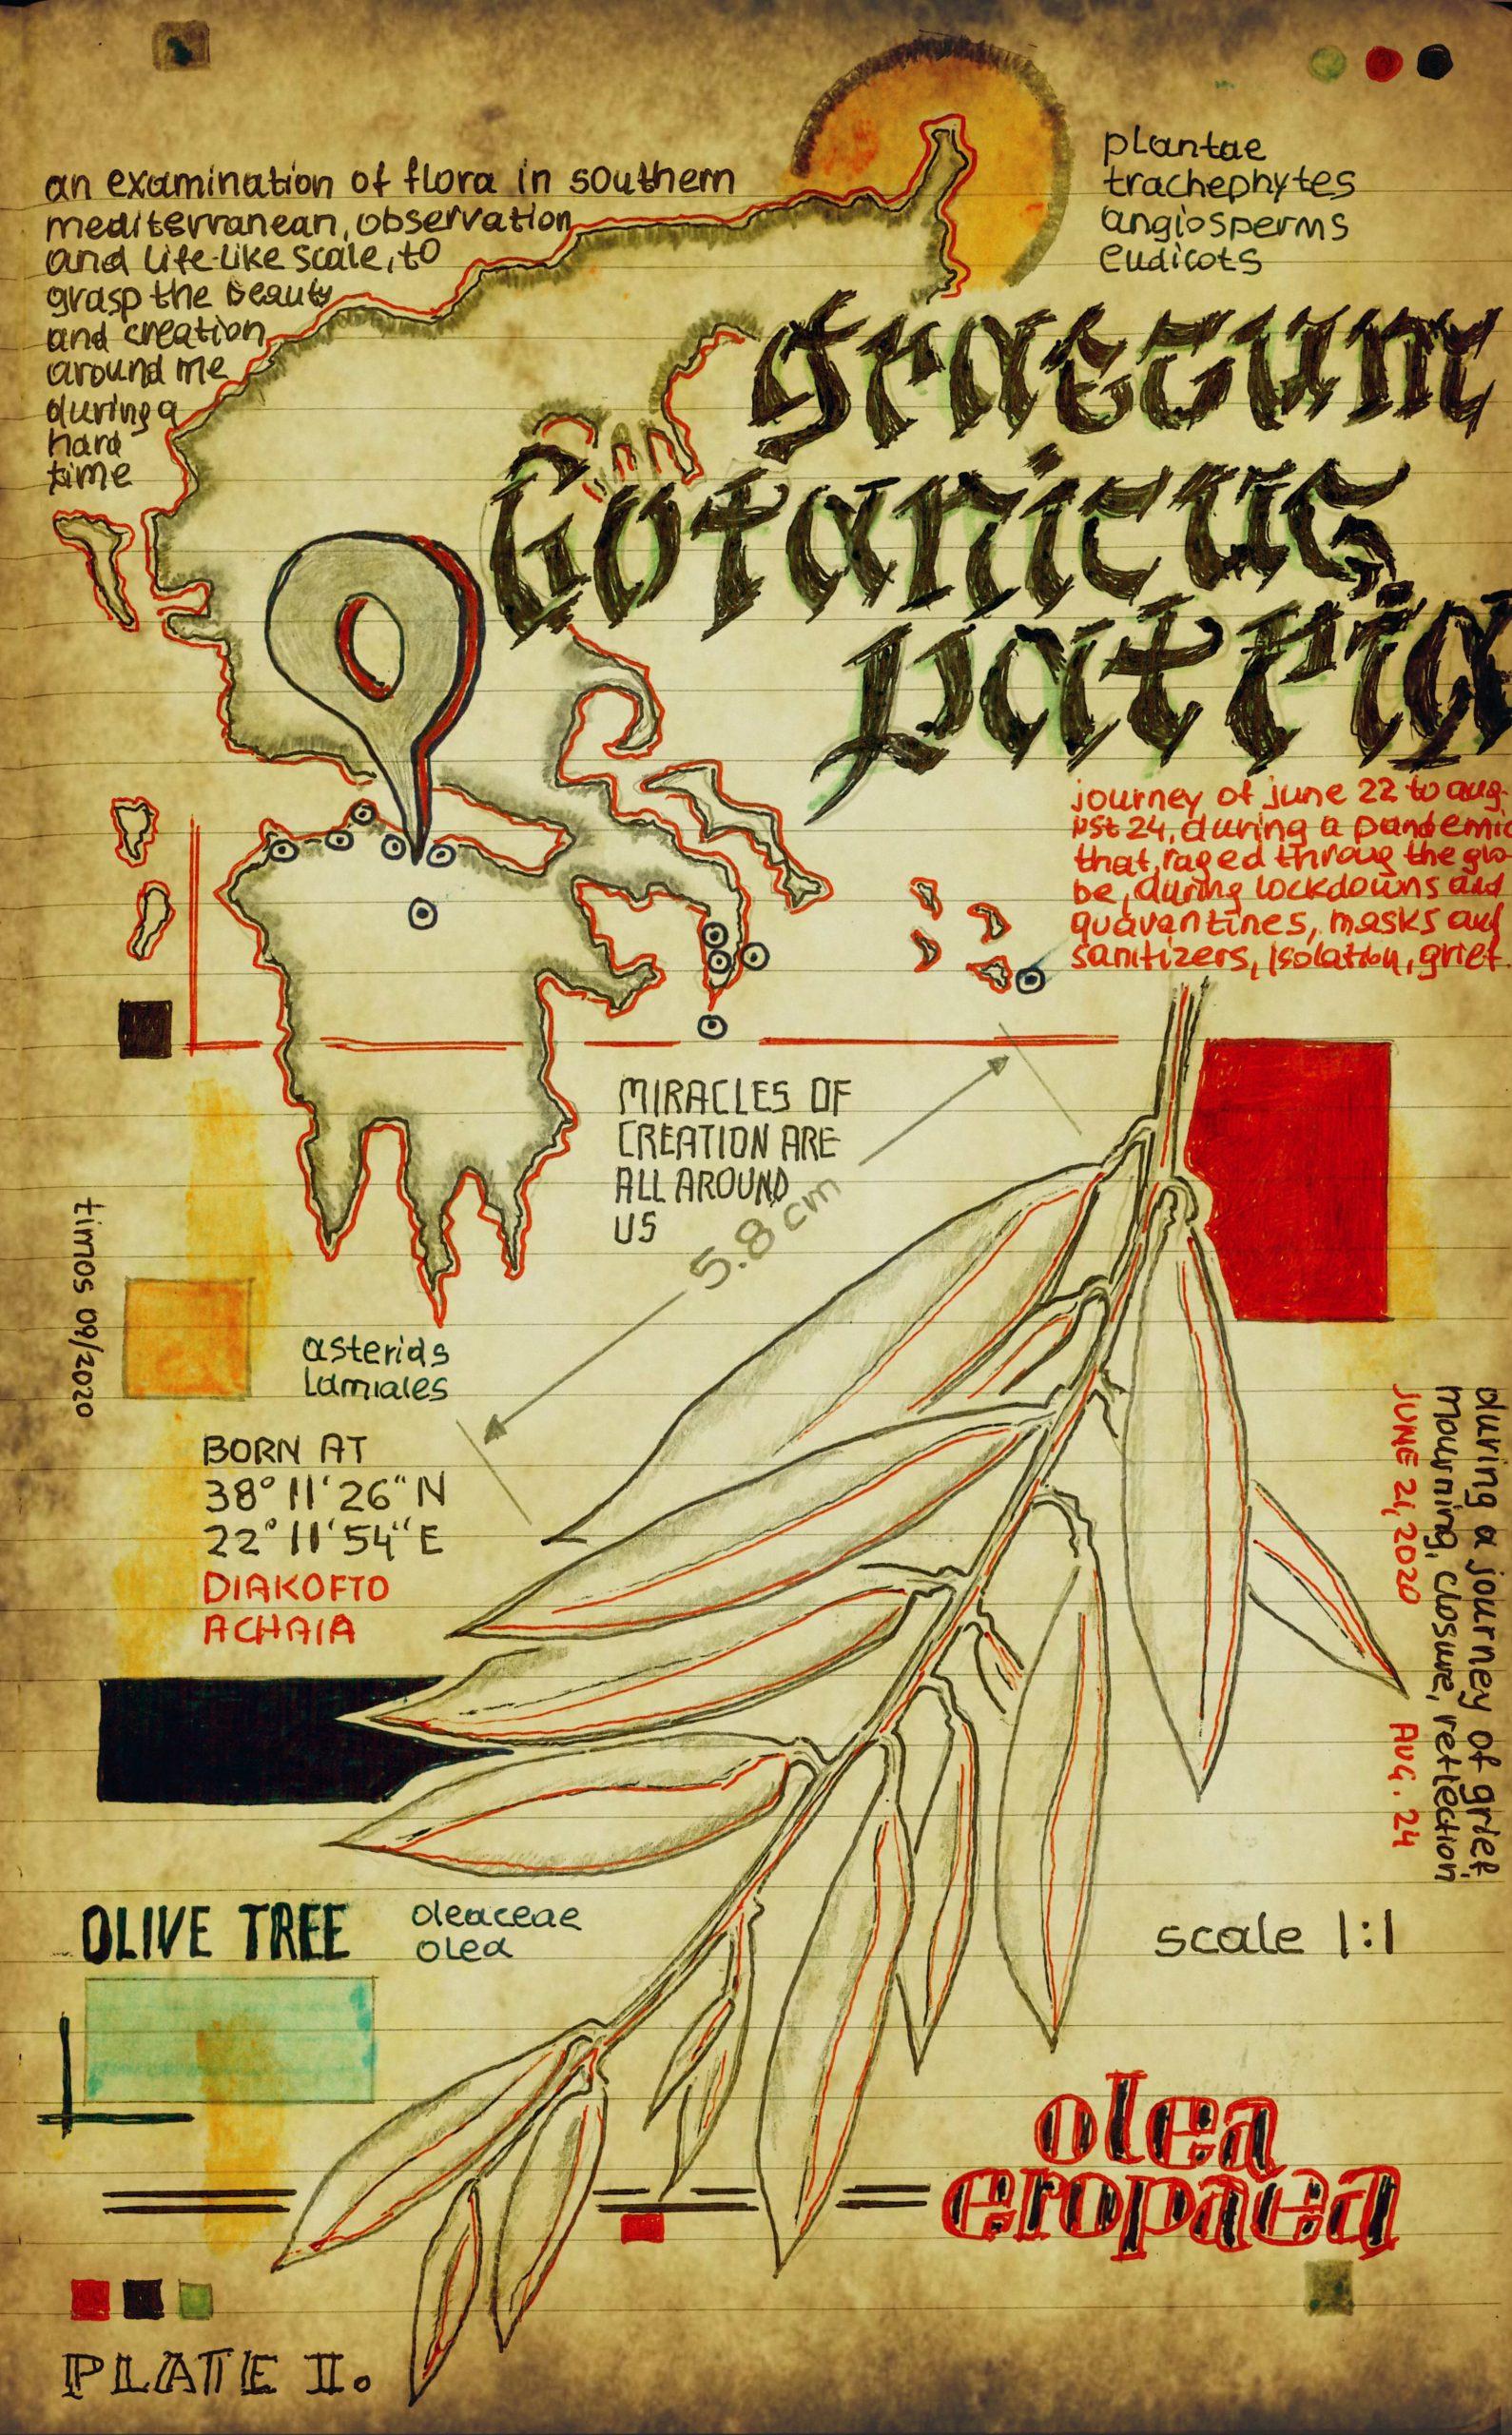 graecum botanicus patria | plate I.b